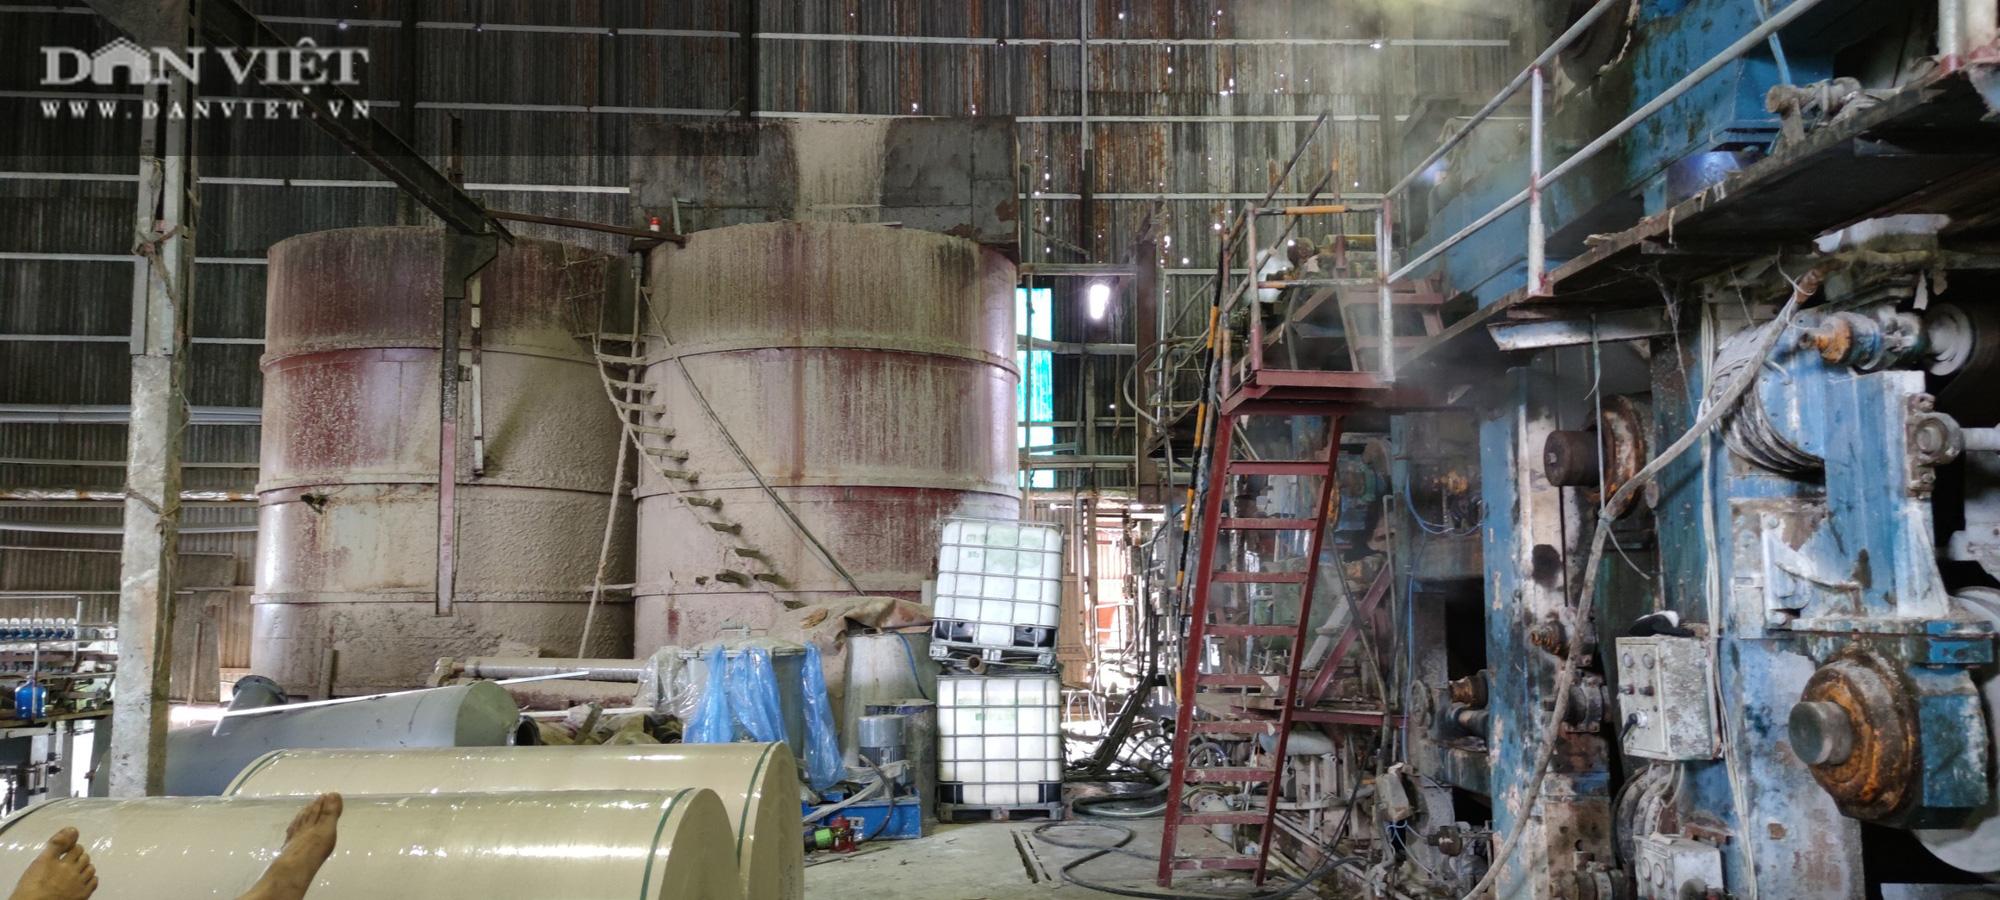 Bắc Ninh: Khẩn cấp lập đoàn công tác thực hiện xử phạt tiền tỷ, đình chỉ 6 cơ sở sản xuất giấy ở Phong Khê - Ảnh 1.